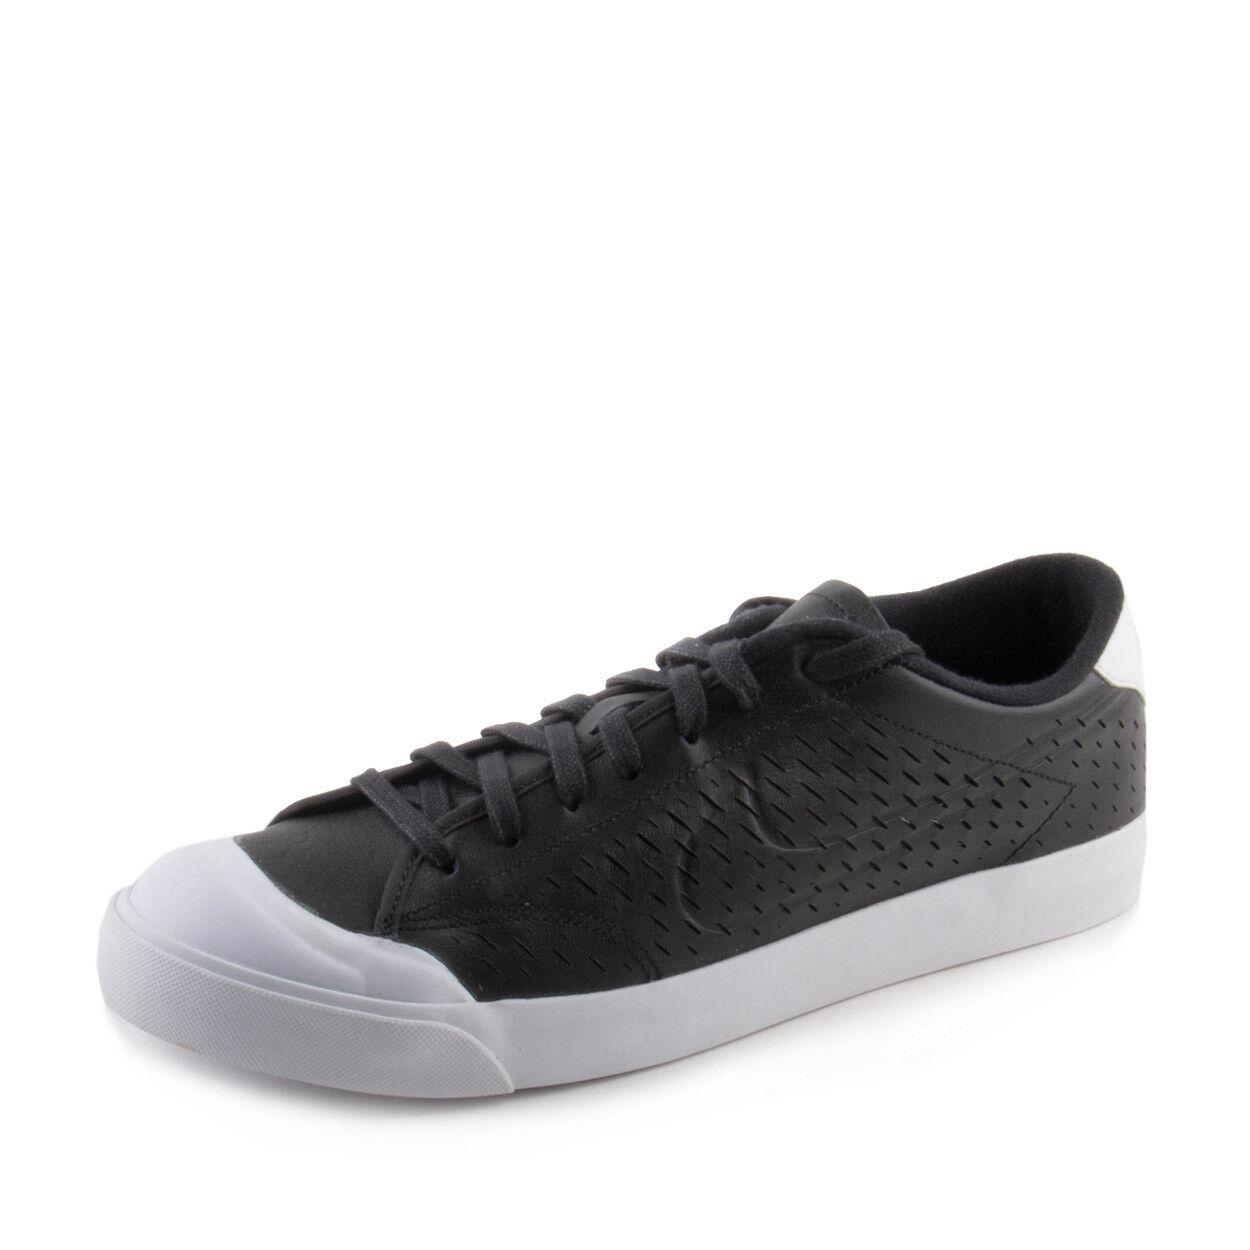 Nike para hombre todos los Court 2 Baja De Cuero Negro blancoo 724271-002